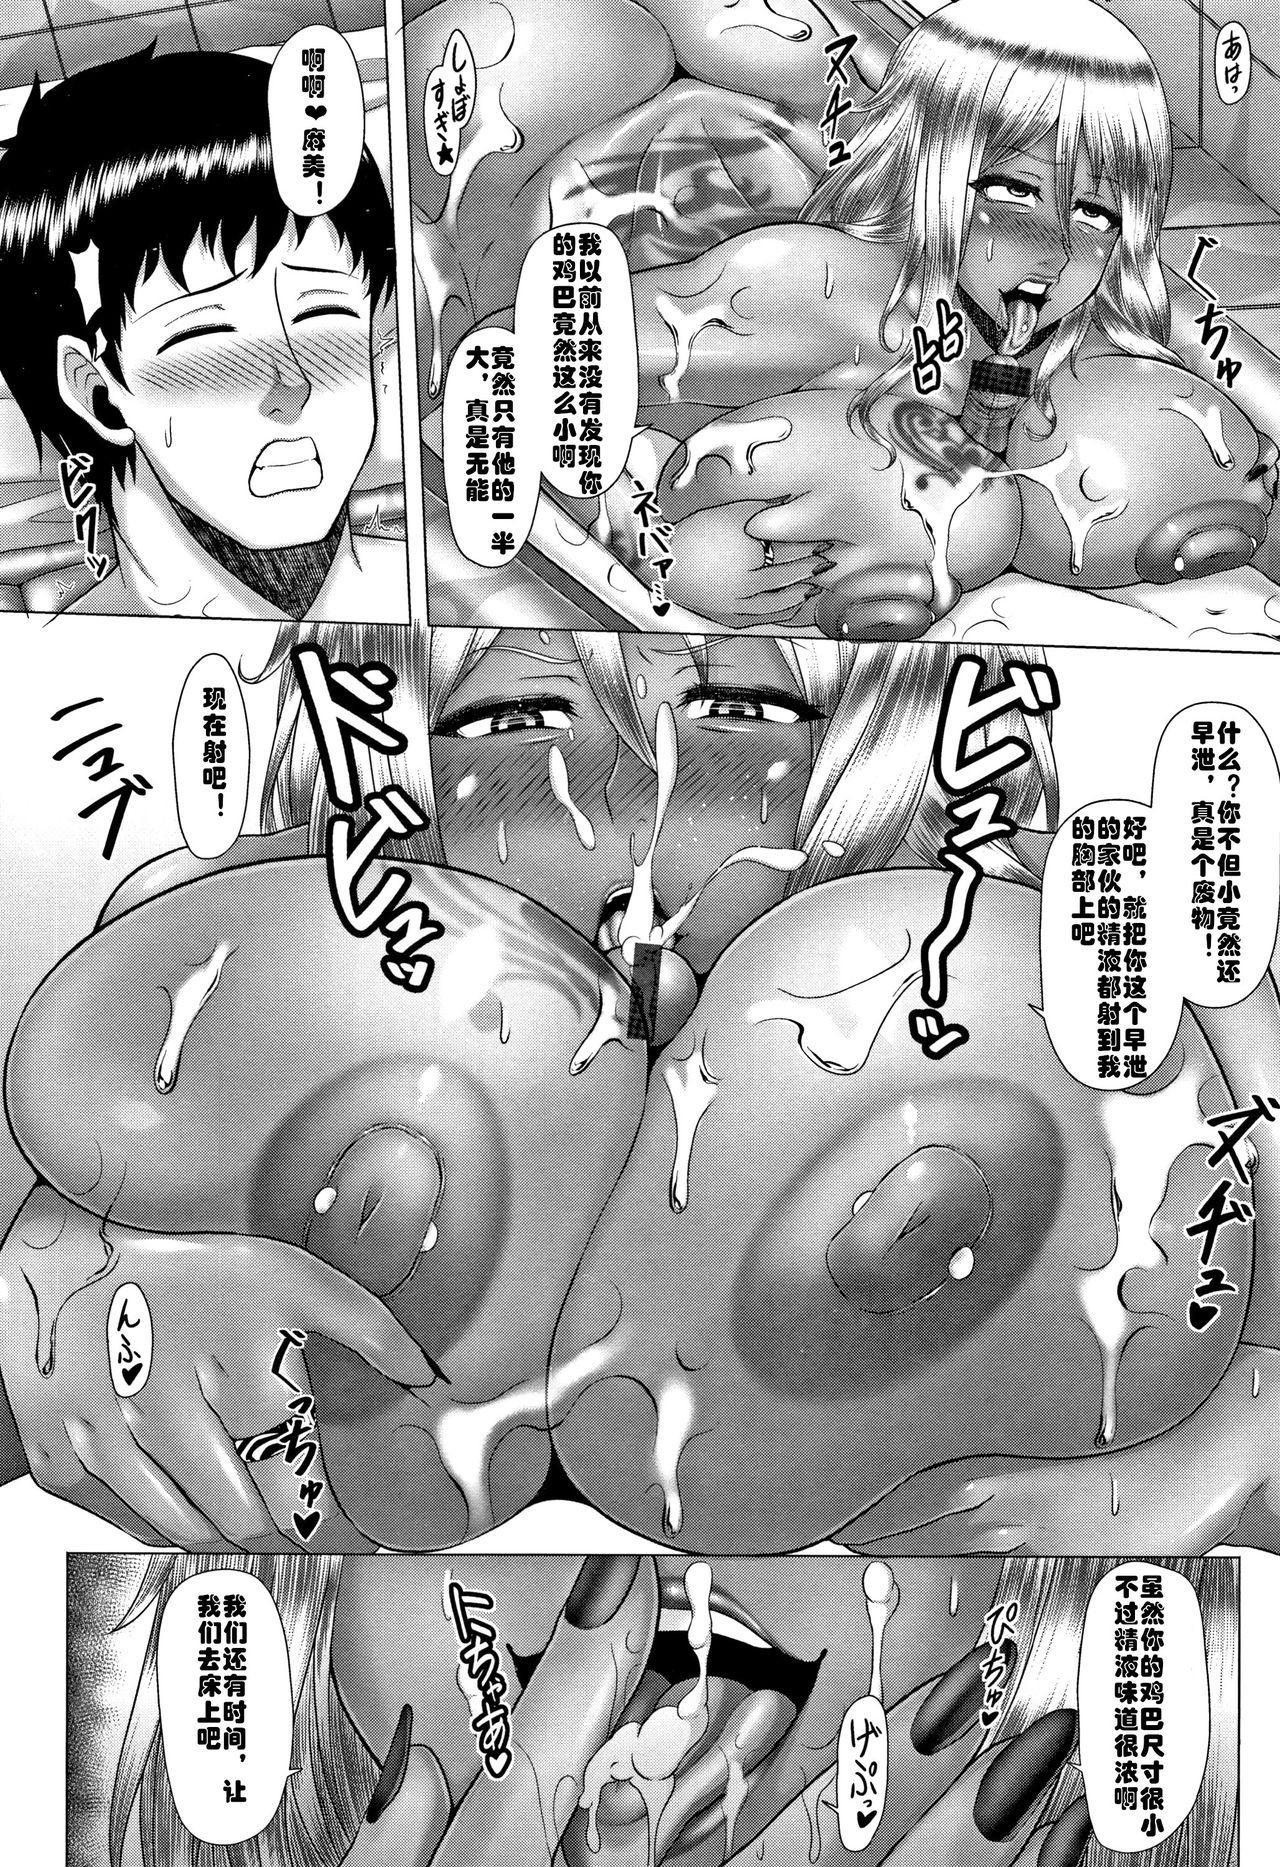 Teishuku Tsuma no Gal Ochi Fuuzoku Nikki 5